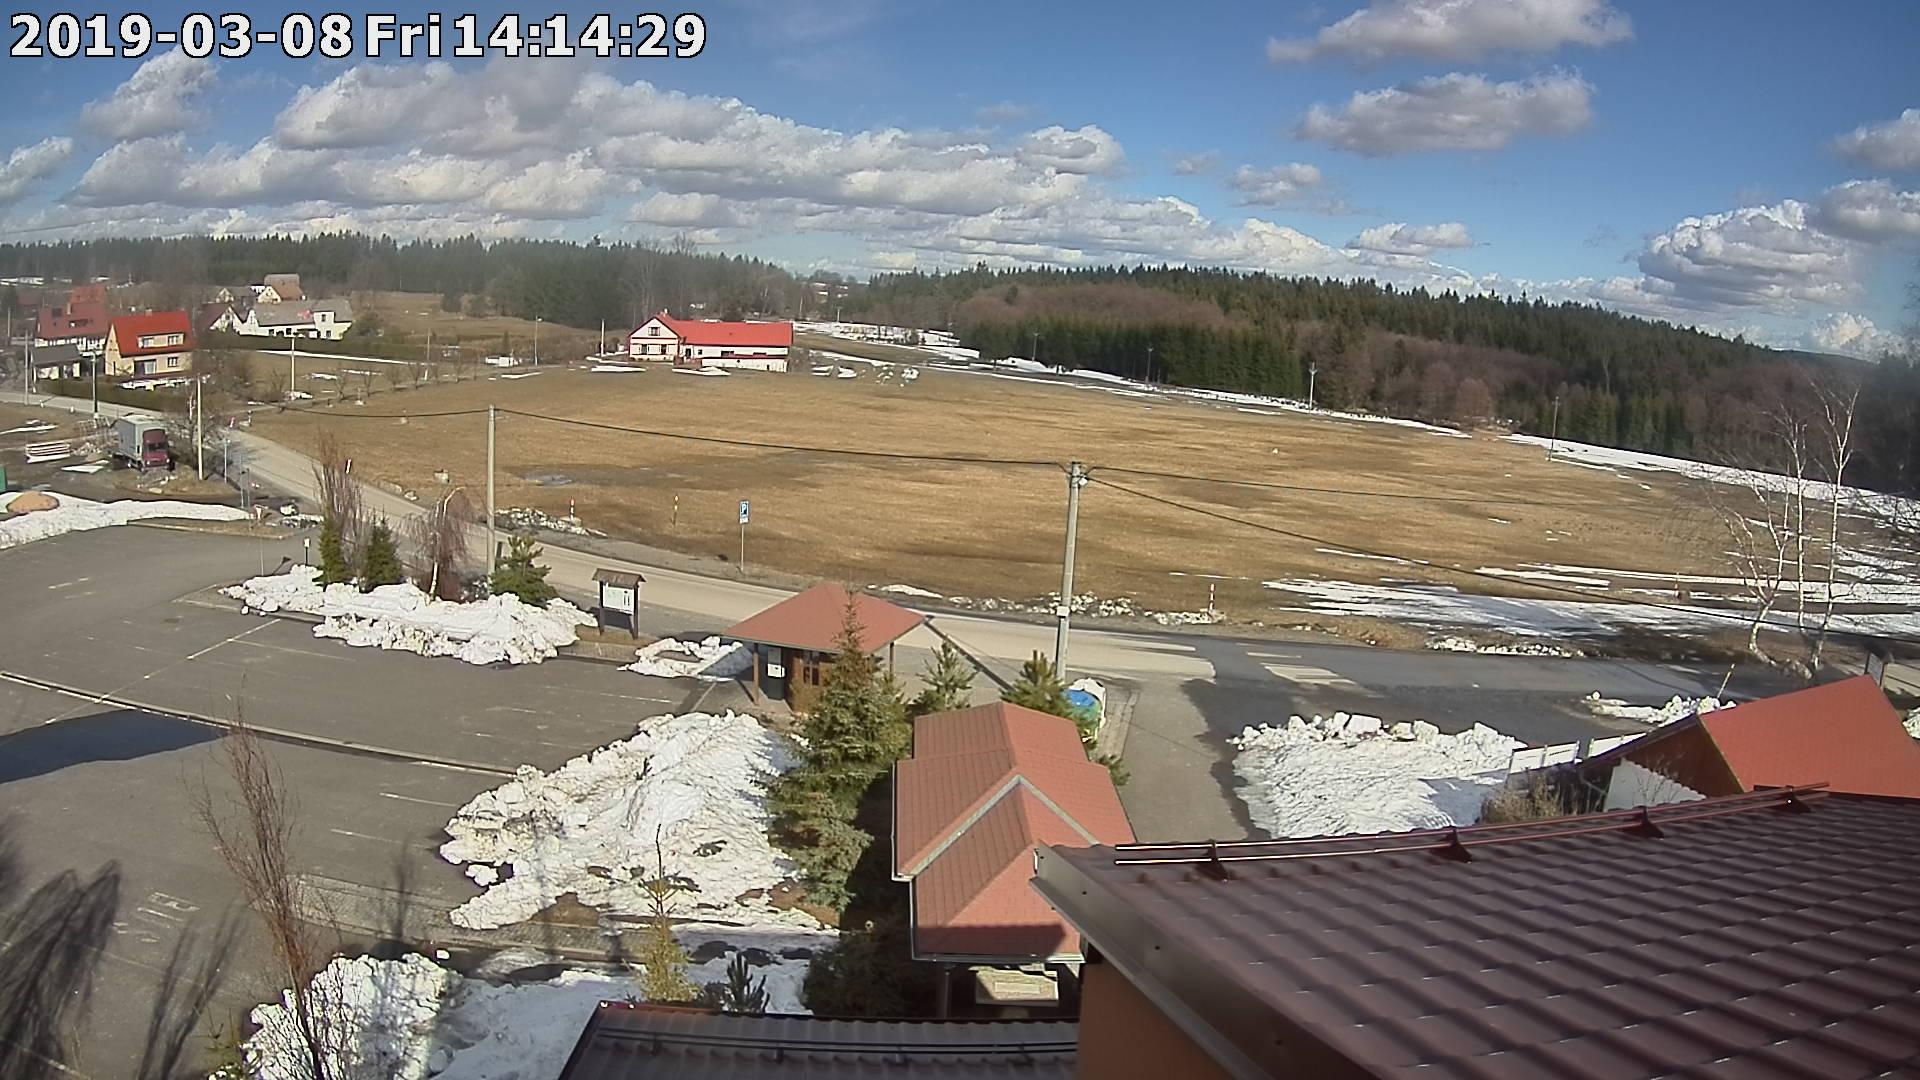 Webkamera ze dne 2019-03-08